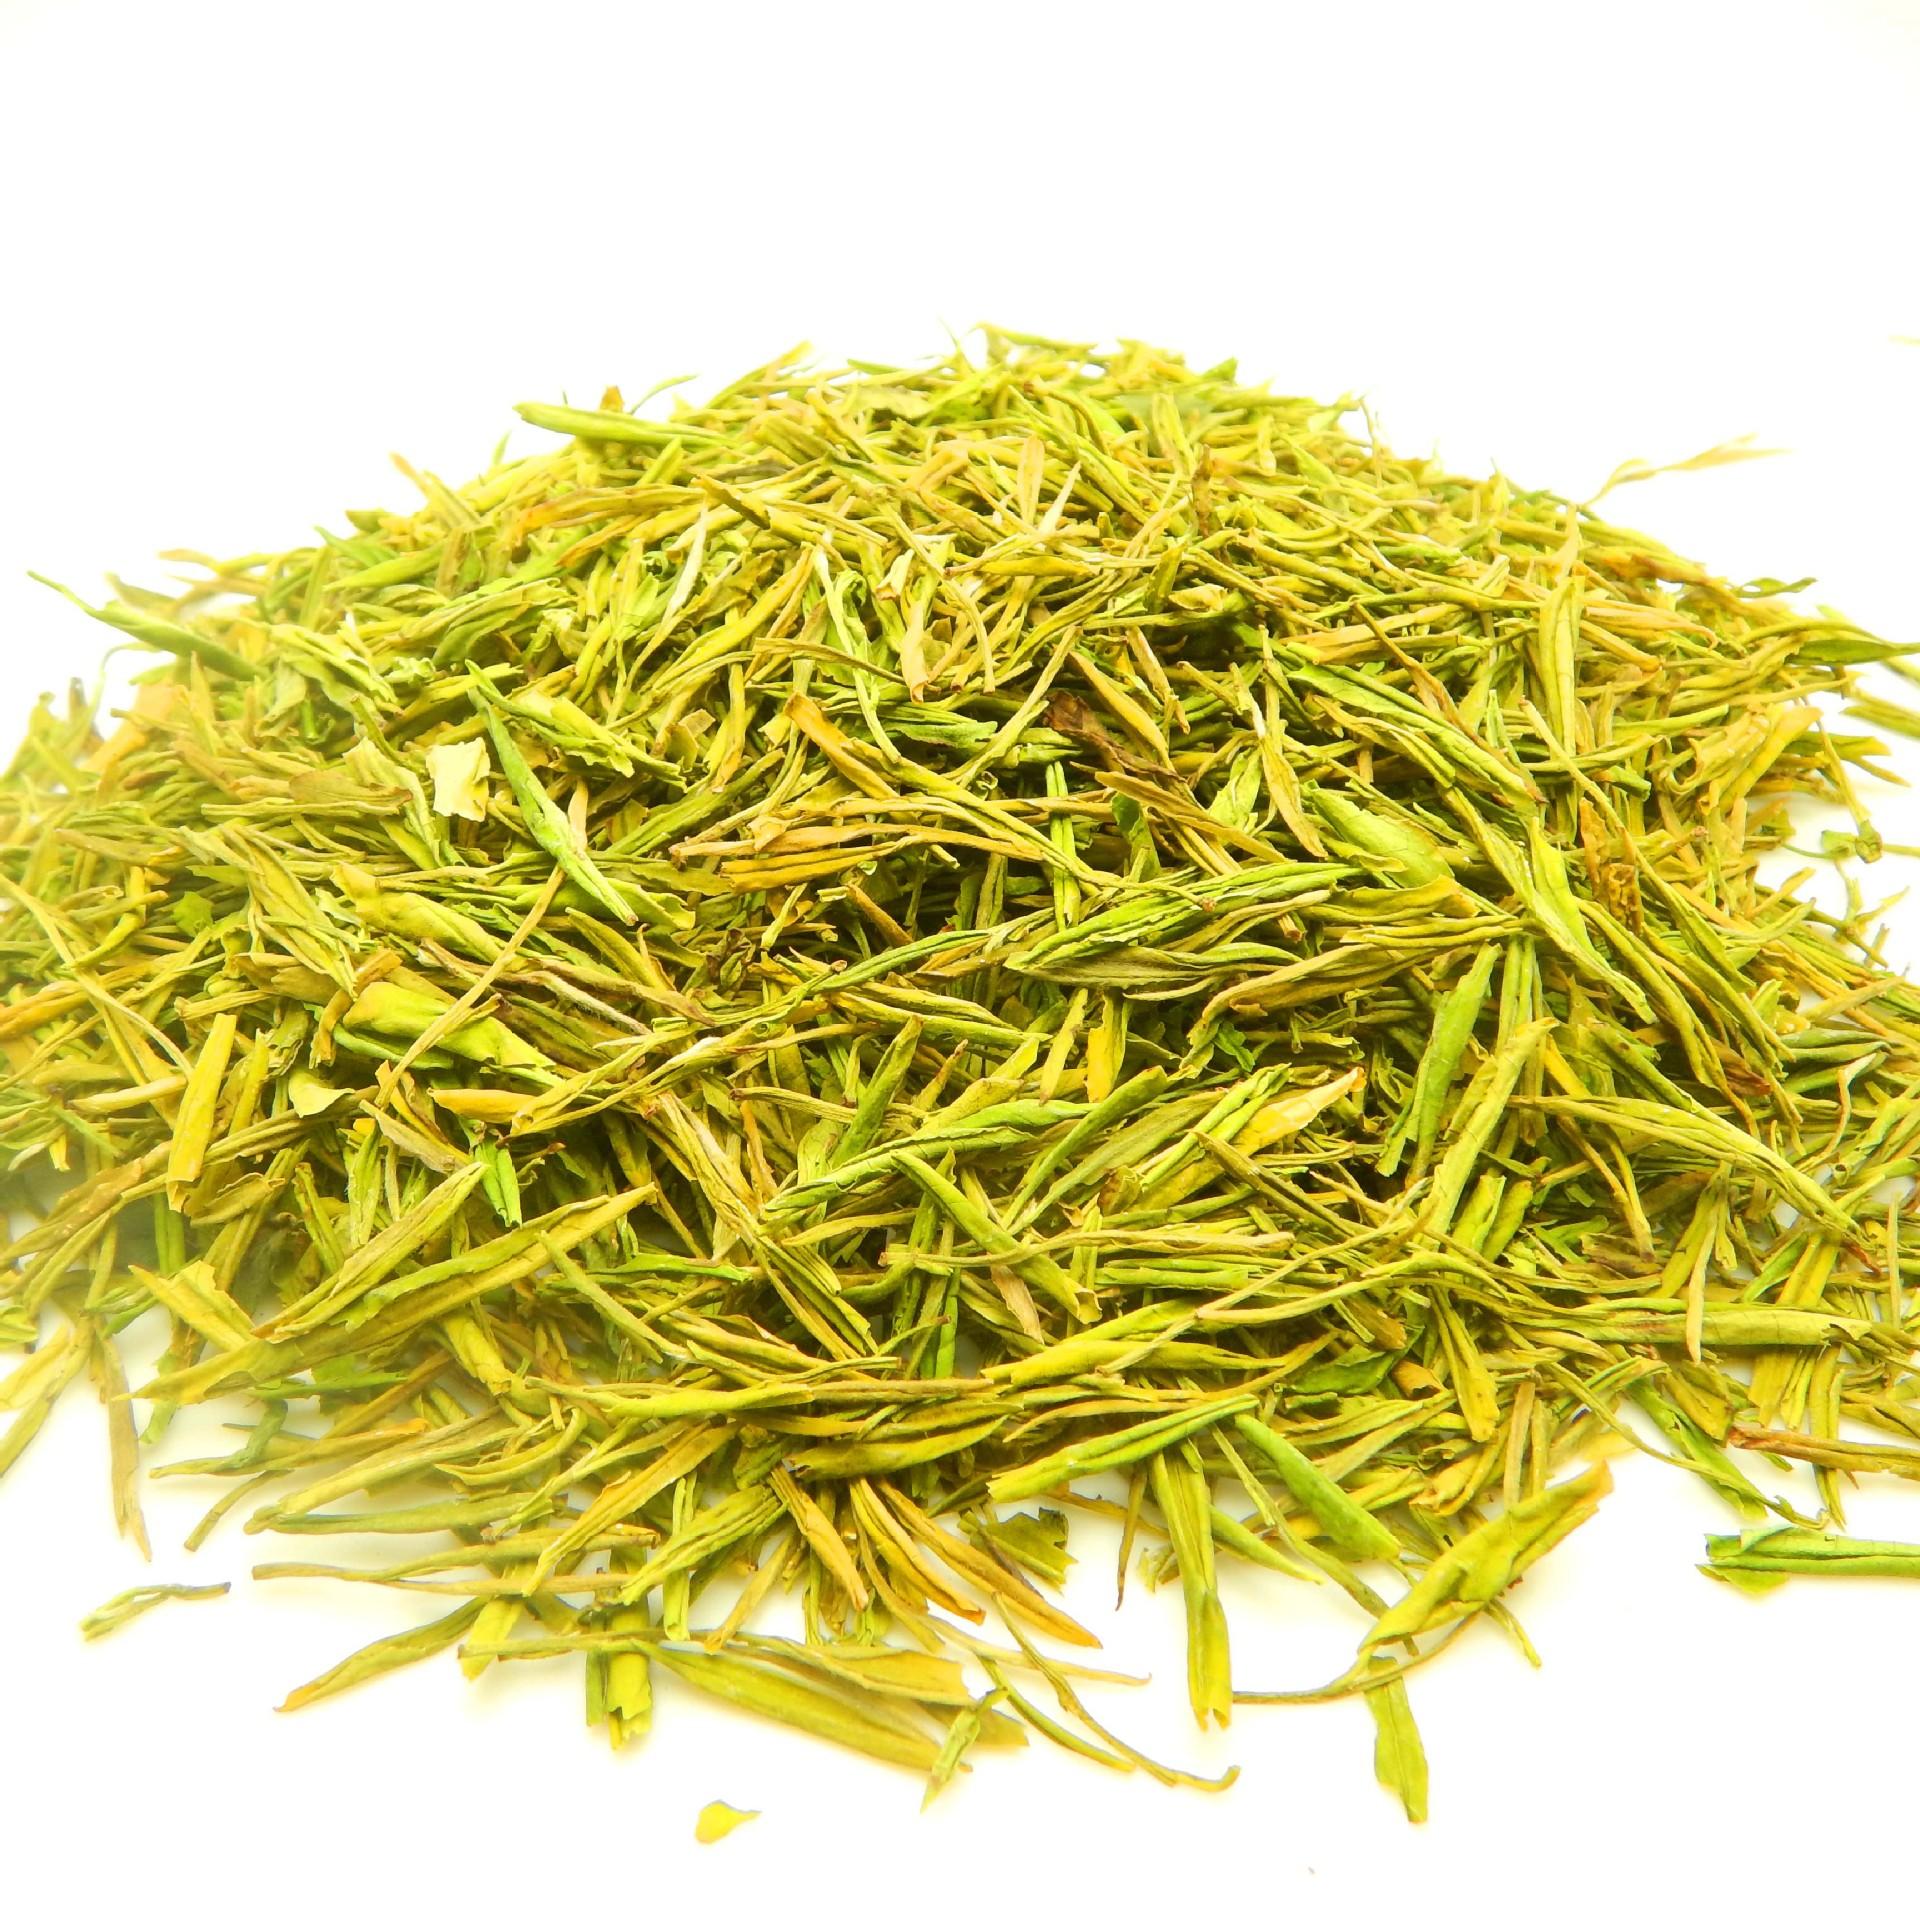 批发特级明前黄金白茶 凤型黄金芽 黄金茶原产地货源